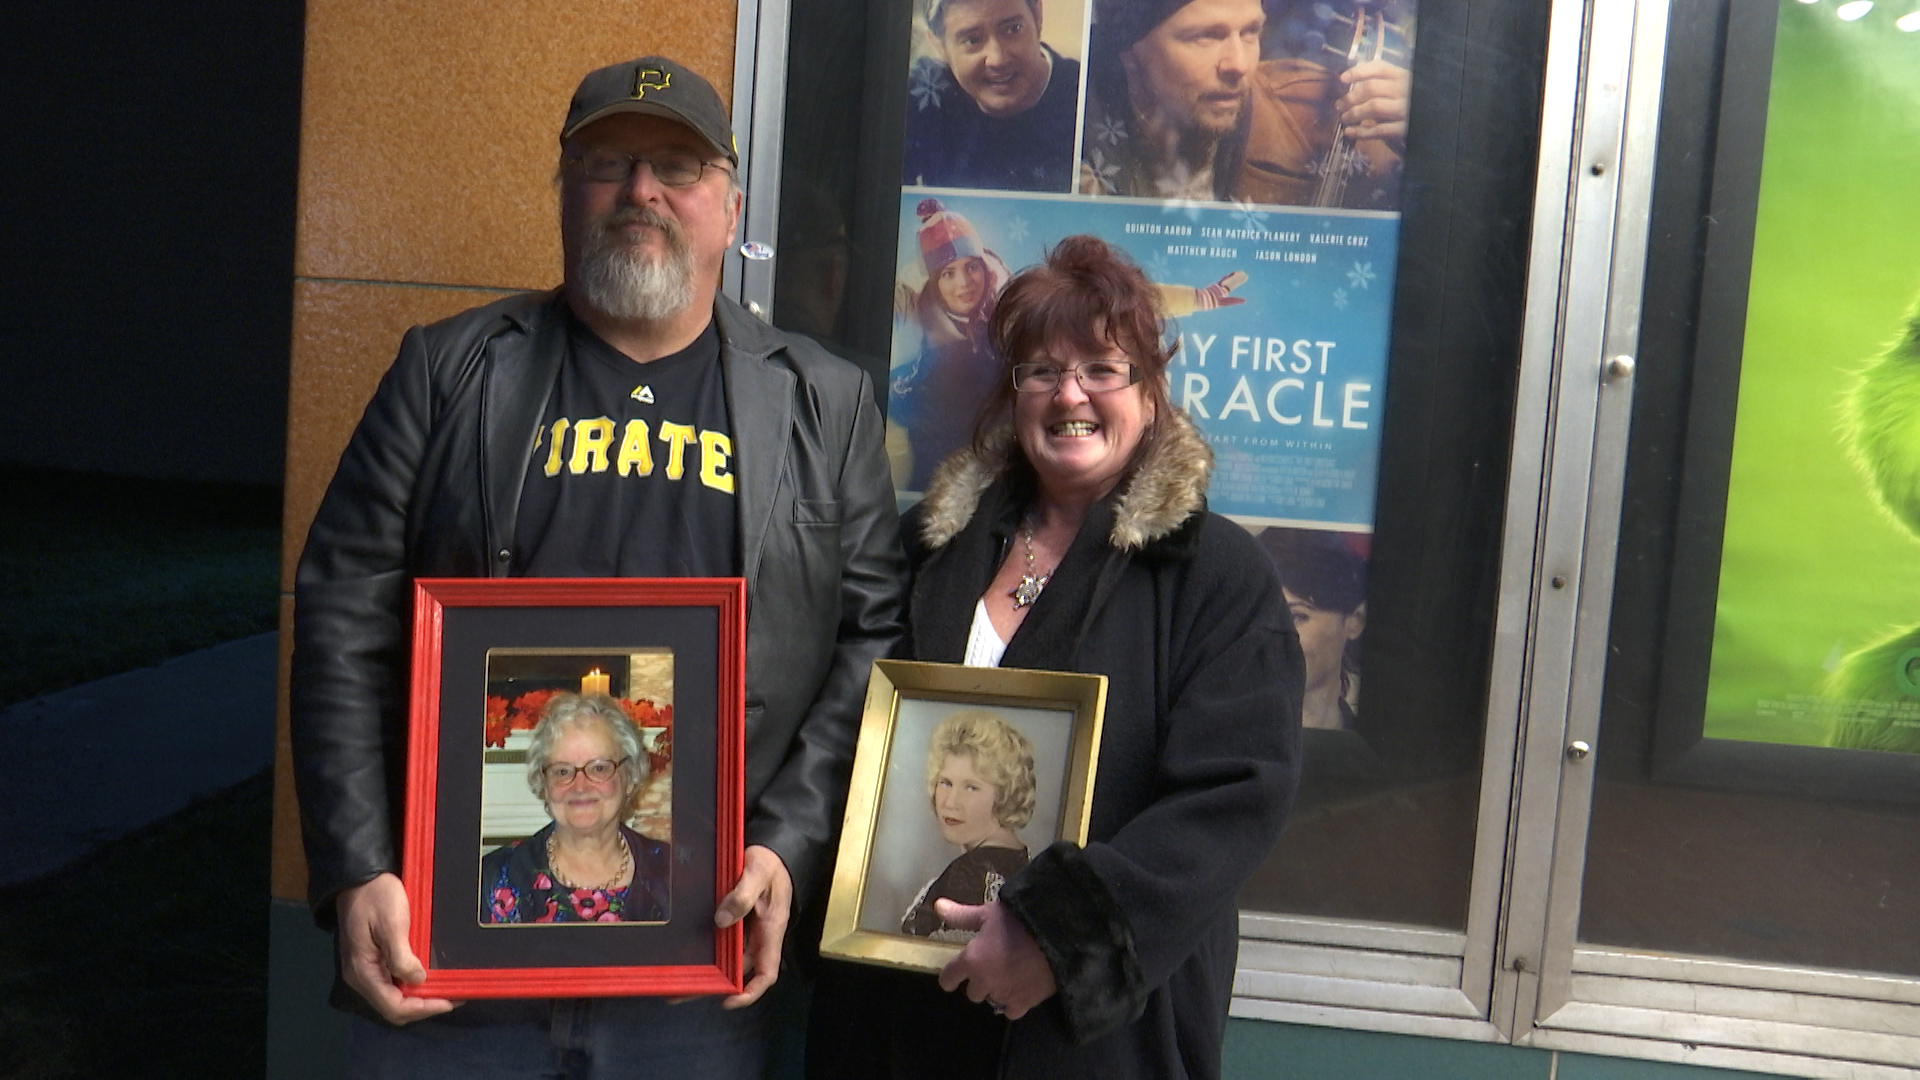 Charlie and Tammy_1544412637430.jpg.jpg